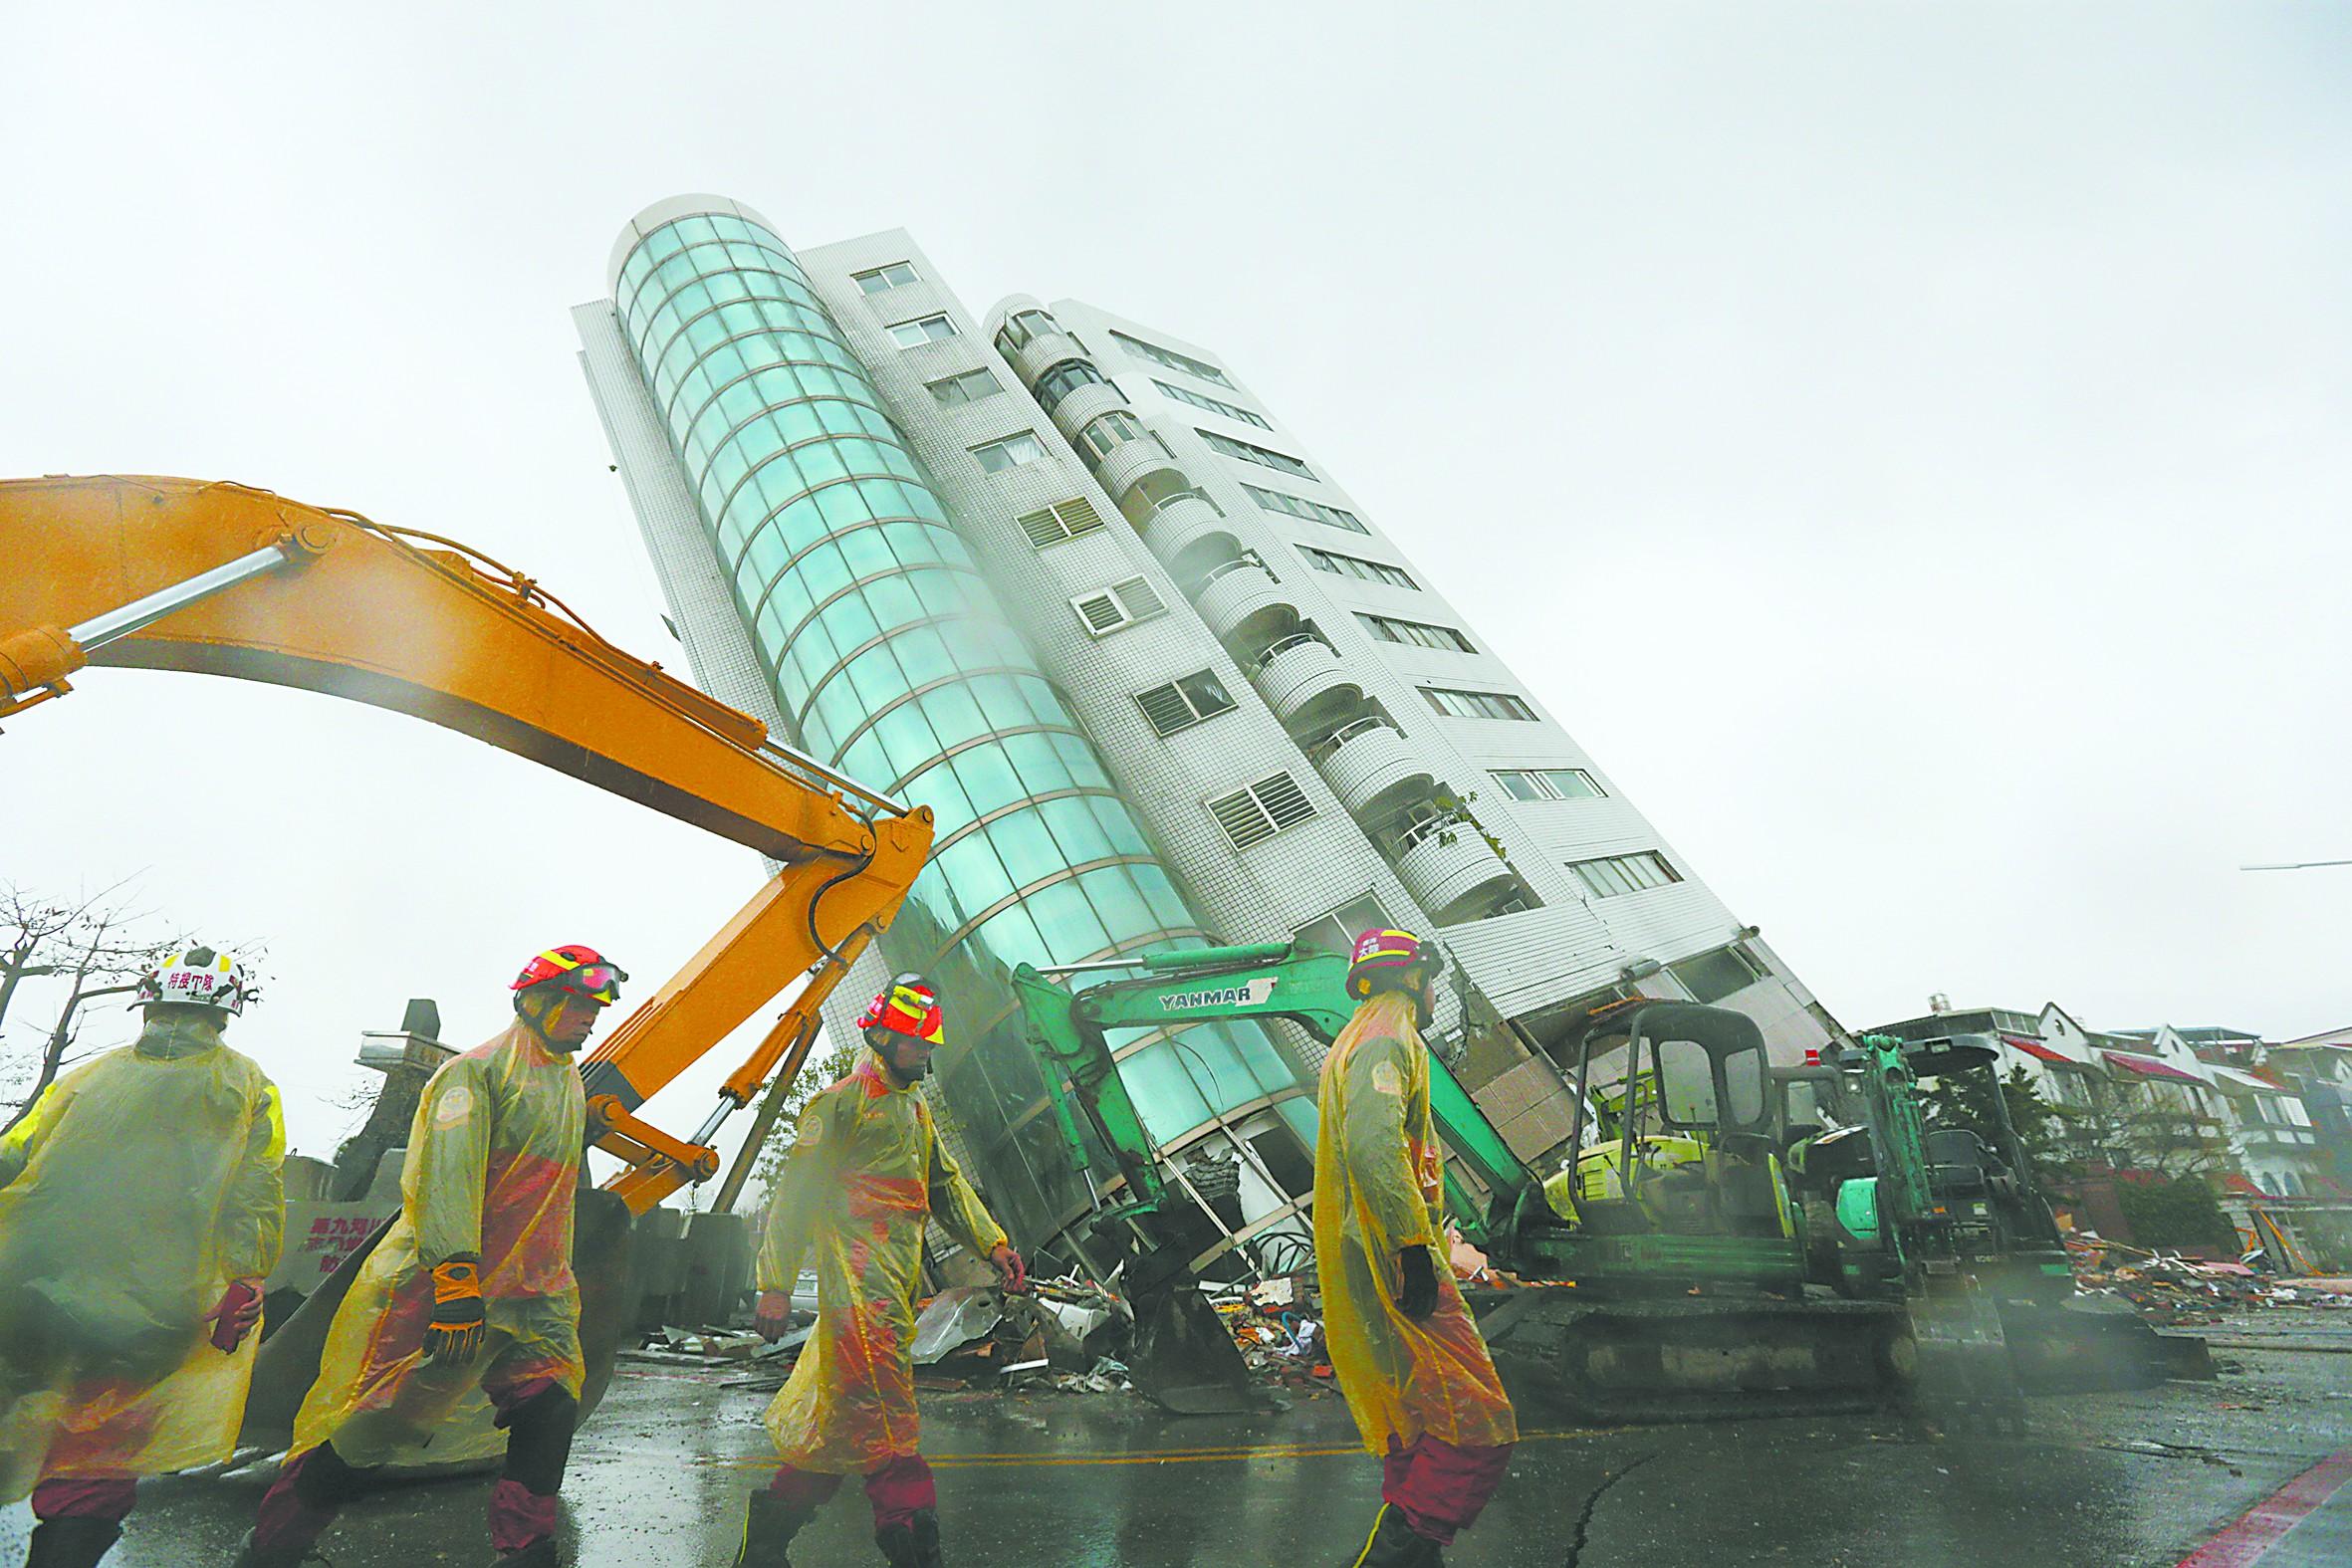 台湾花莲强震 大陆愿提供救灾协助